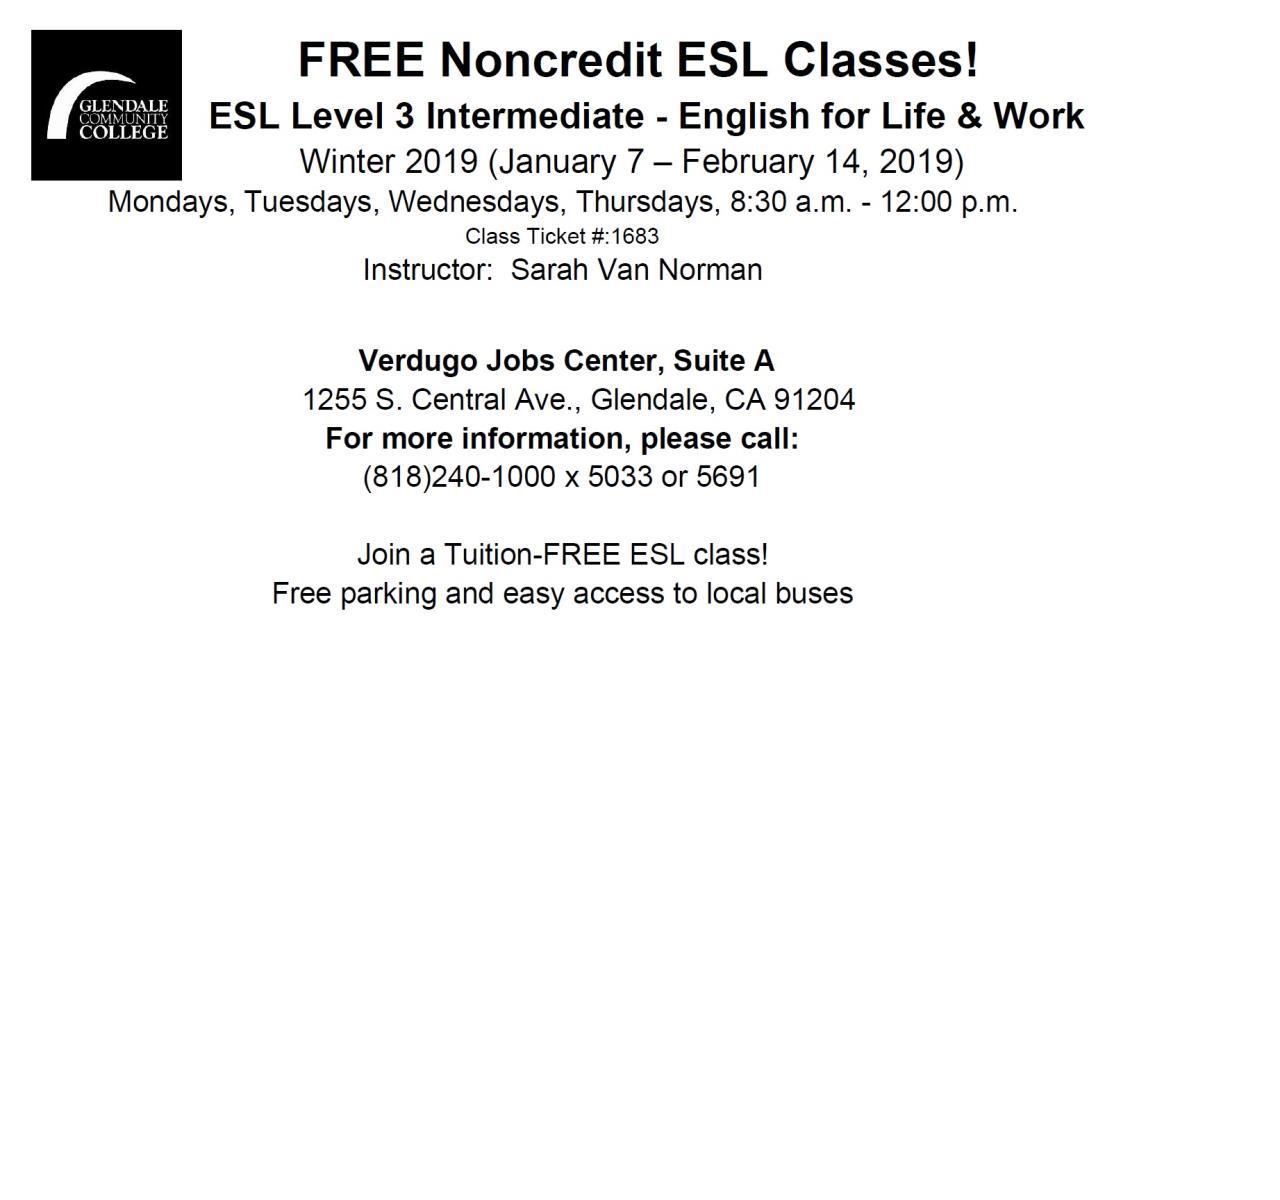 FREE Non Credit ESL Classes